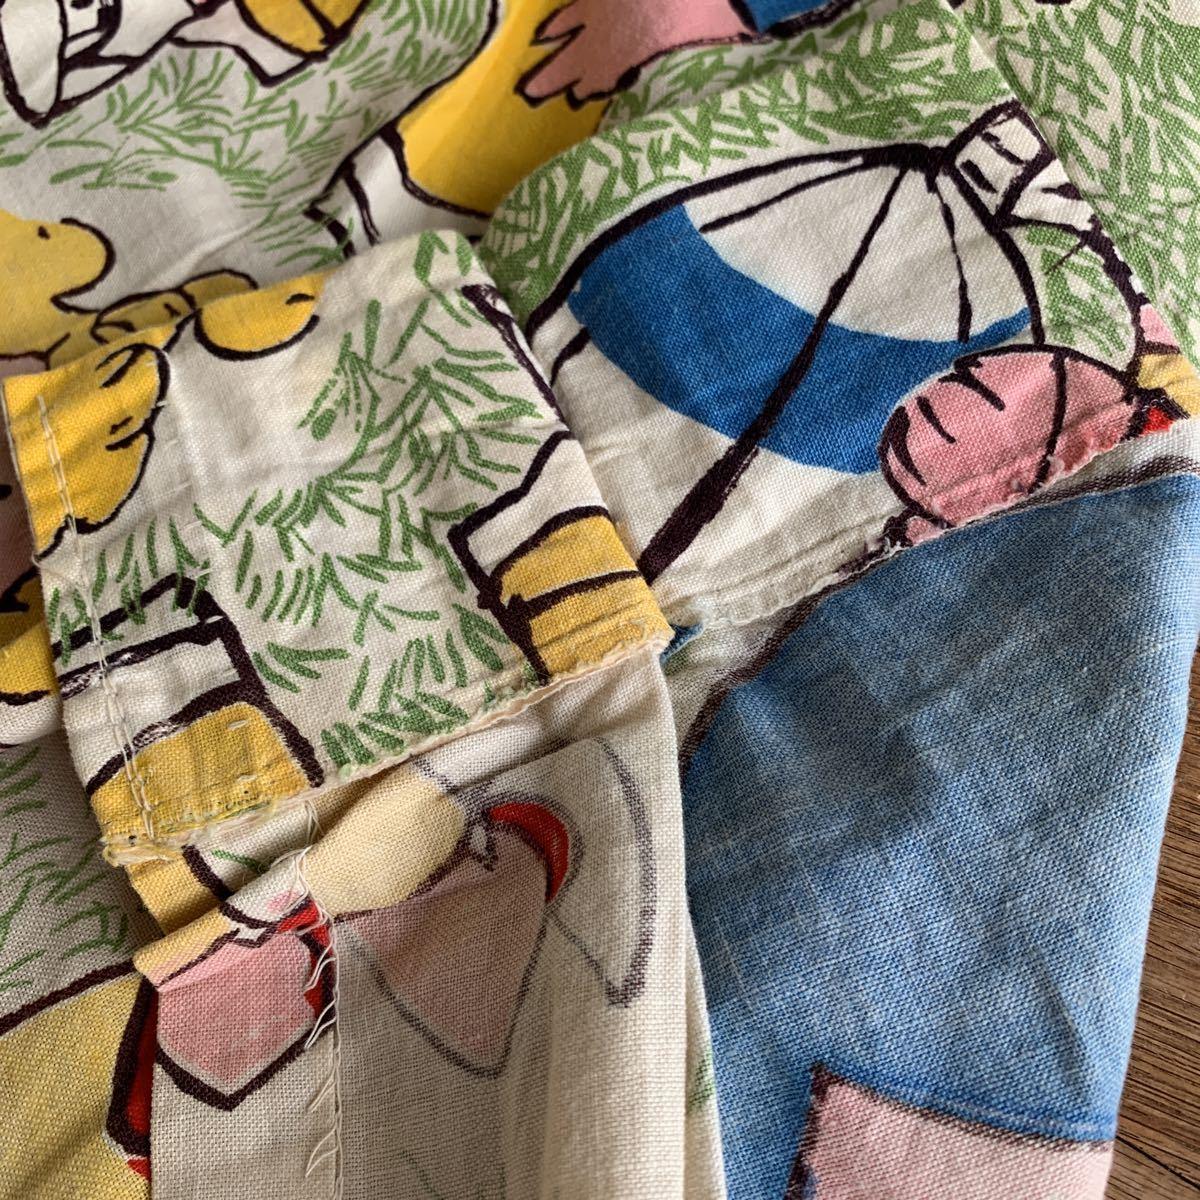 70's アメリカンフットボール柄 アメフト カーテン USED ヴィンテージ リメイク 雑貨 古着屋 ハンドメイド アンティーク デッドストック_画像5